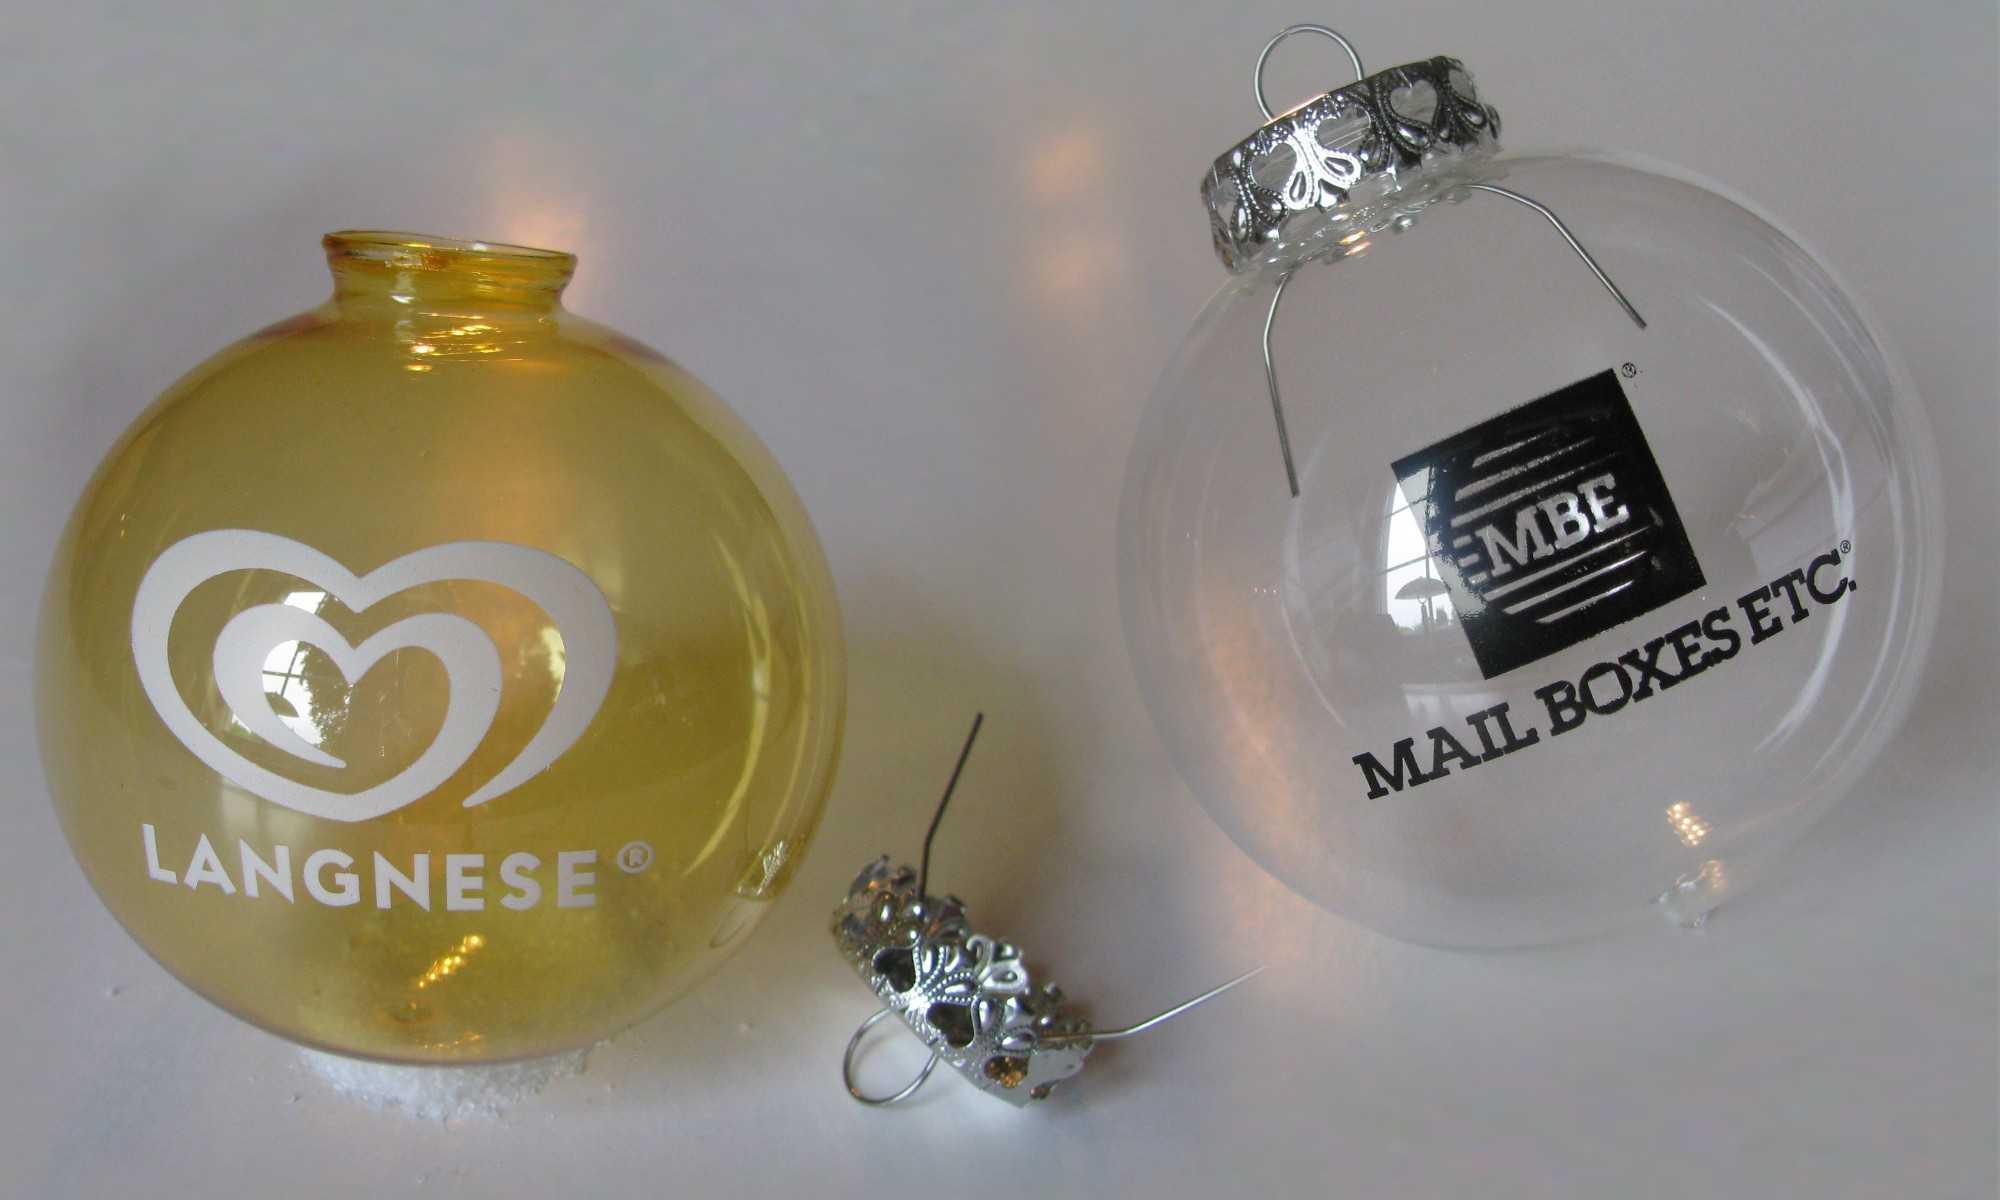 Transparente Christbaumkugeln.Transparente Weihnachtskugeln Aus Glas Mit Firmenlogo